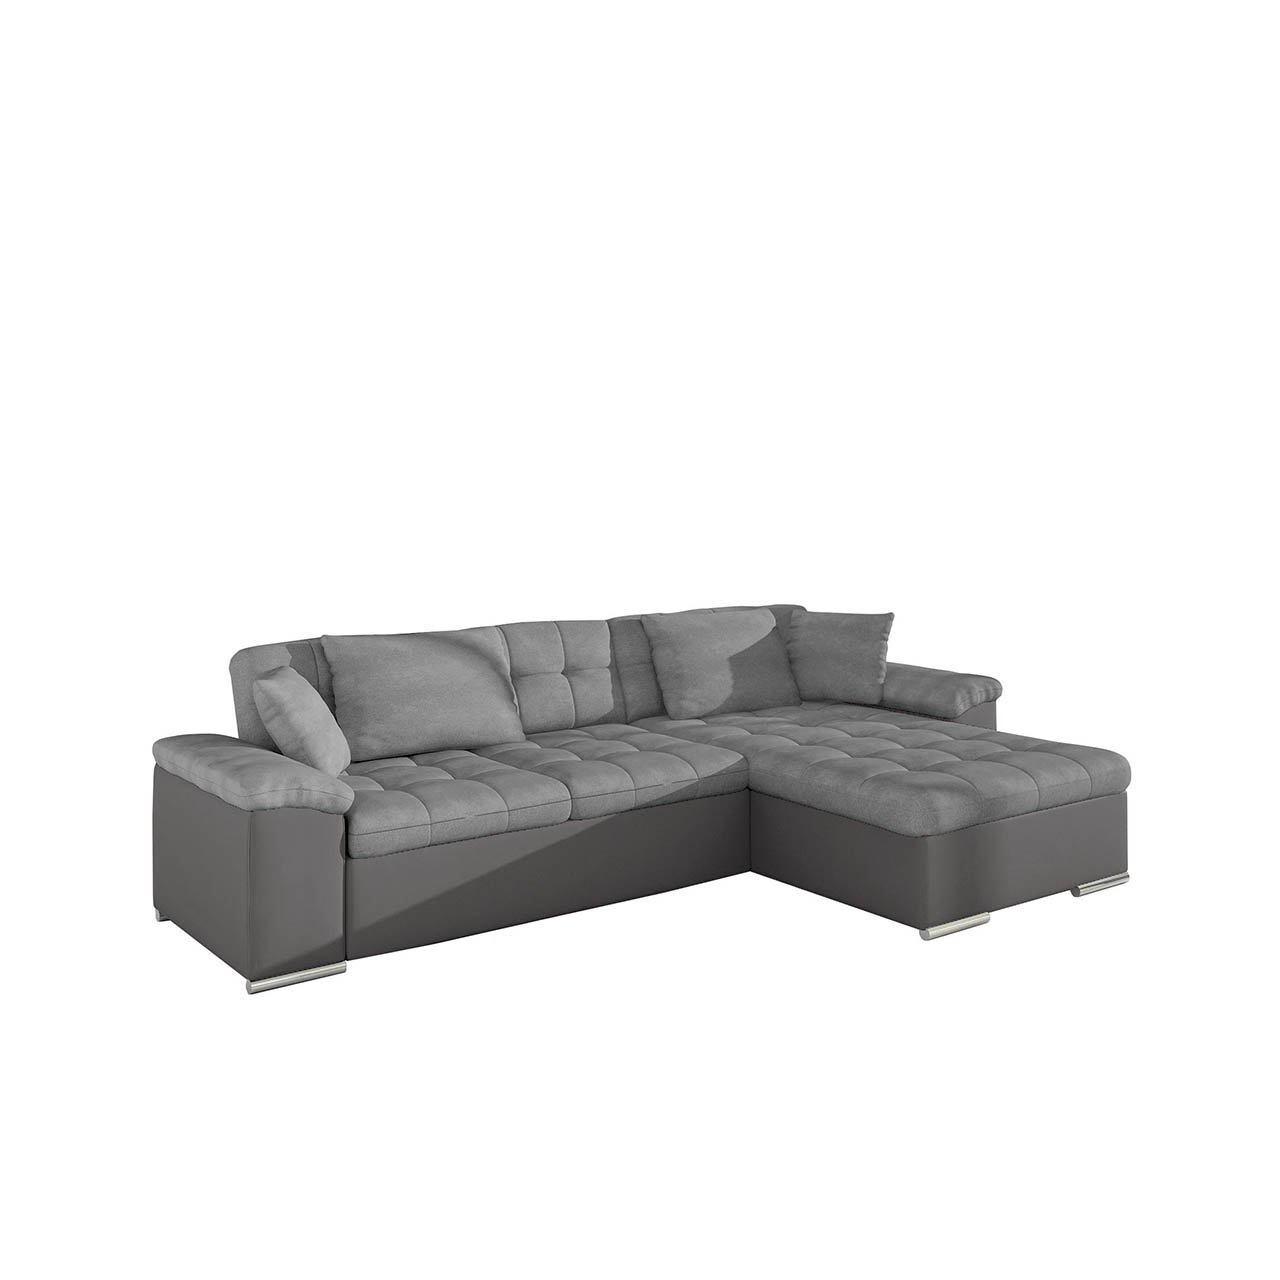 Moderne eckcouch mit schlaffunktion  Großes Design Ecksofa Diana, Eckcouch mit Bettkasten und ...